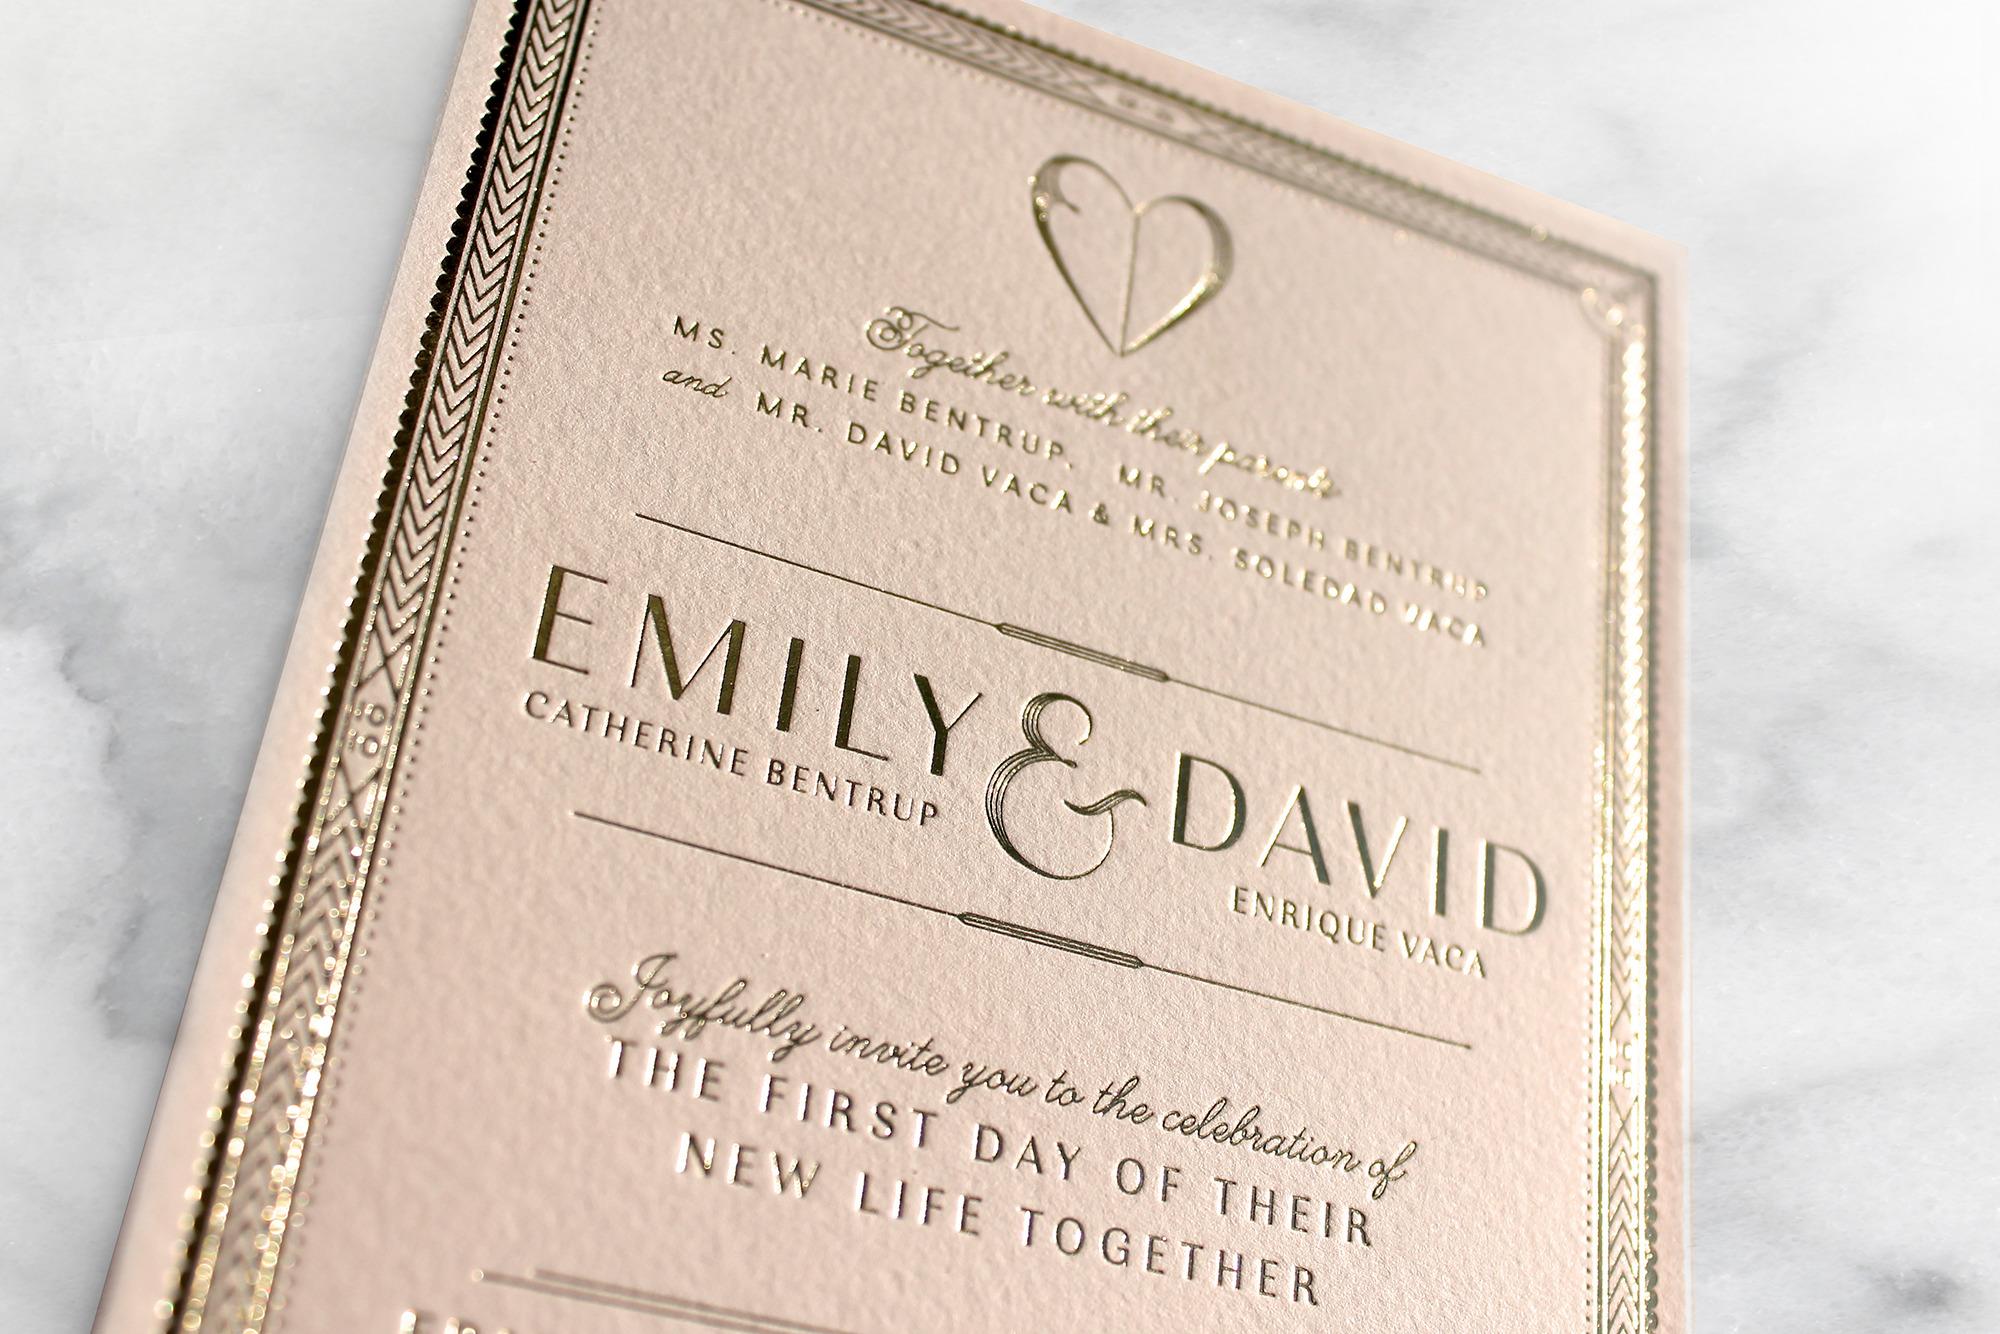 Emily & David The Vaca Wedding — LA VACA